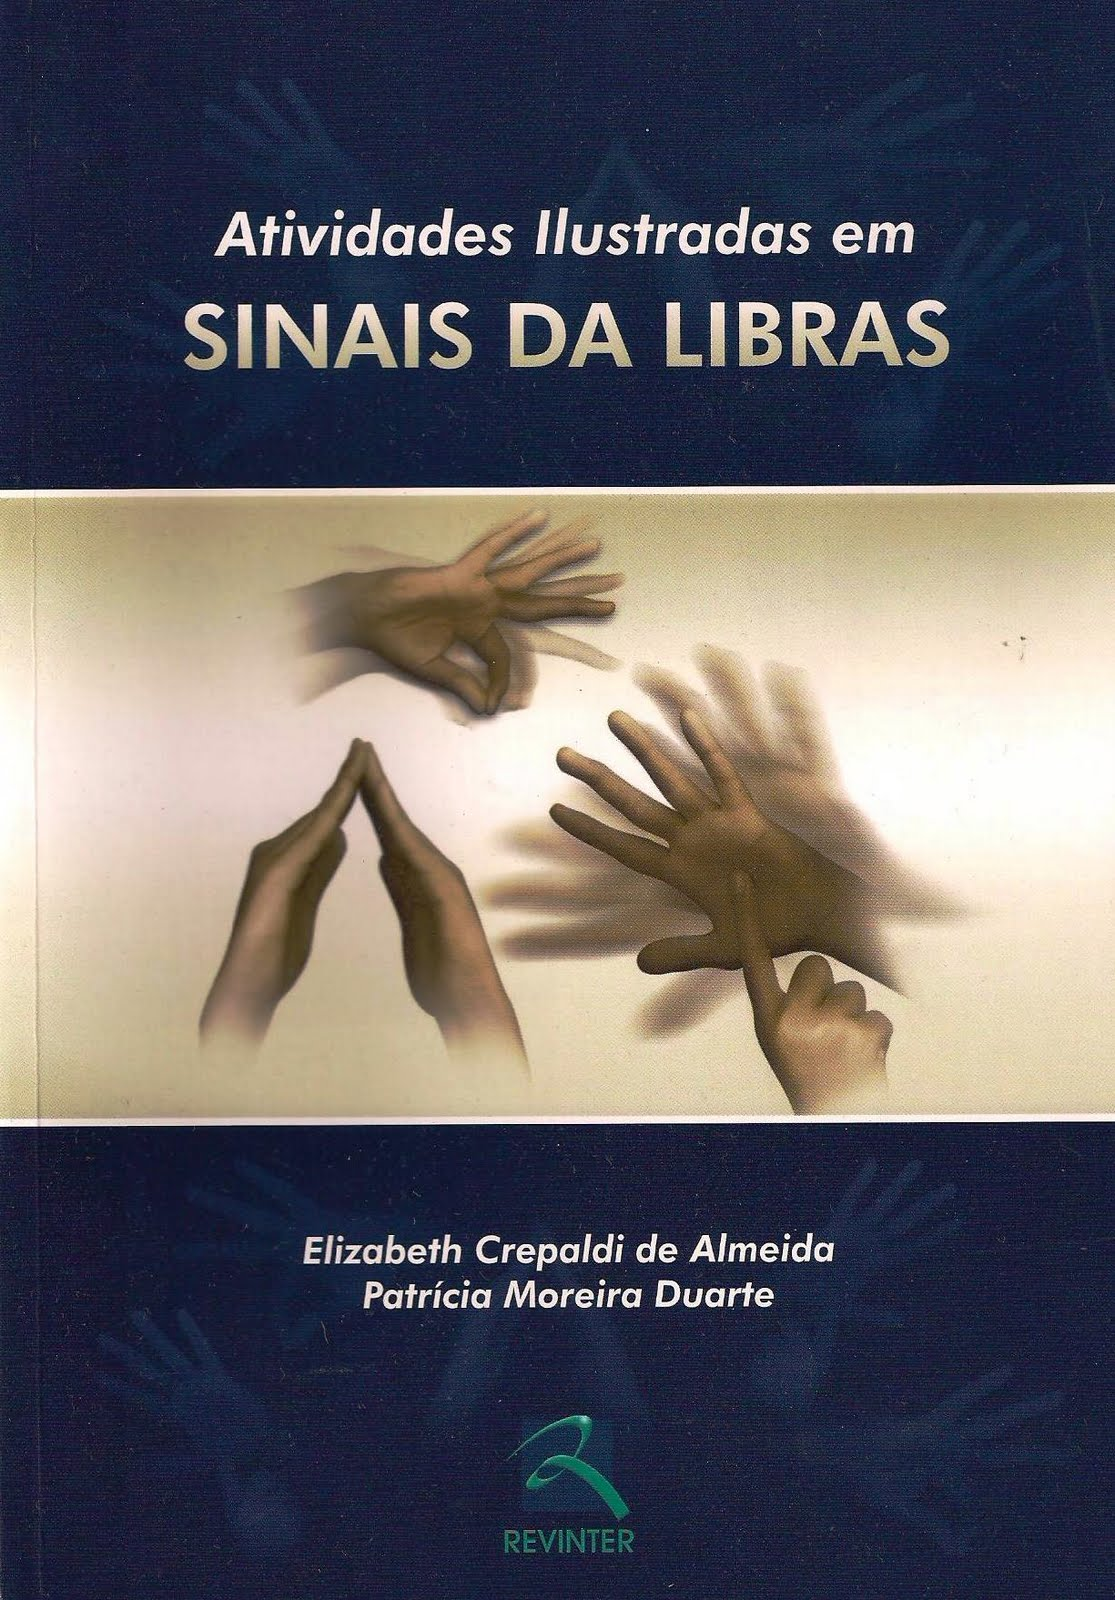 Livro: Atividades Ilustradas em SINAIS DA LIBRAS #956A36 1115 1600